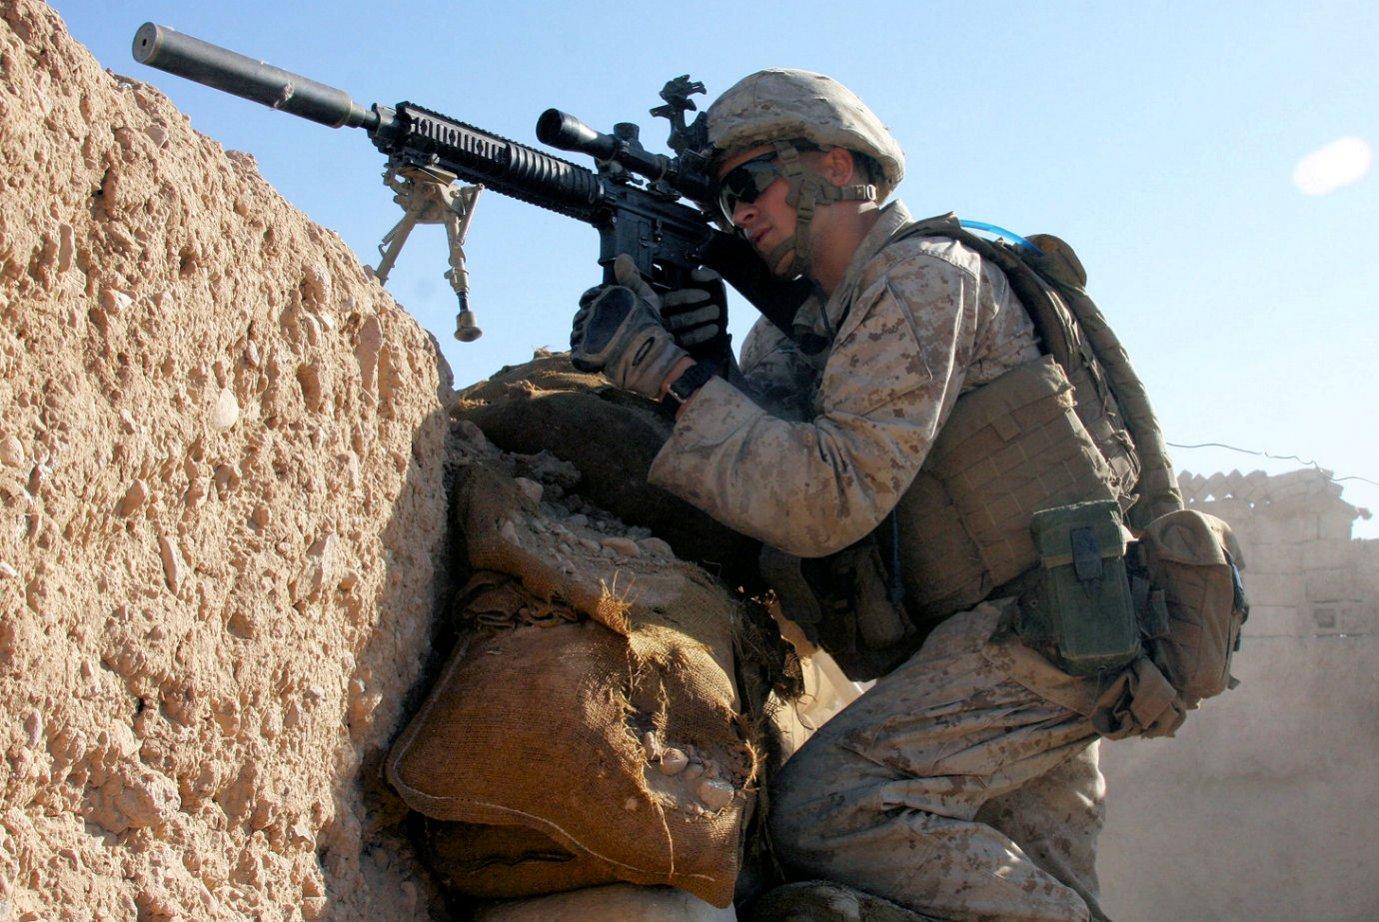 Click image for larger version.  Name:Lance Cpl Steven J Zandstra Nov 1 2010 Sangin Afghanistan.jpg Views:93 Size:274.2 KB ID:448554